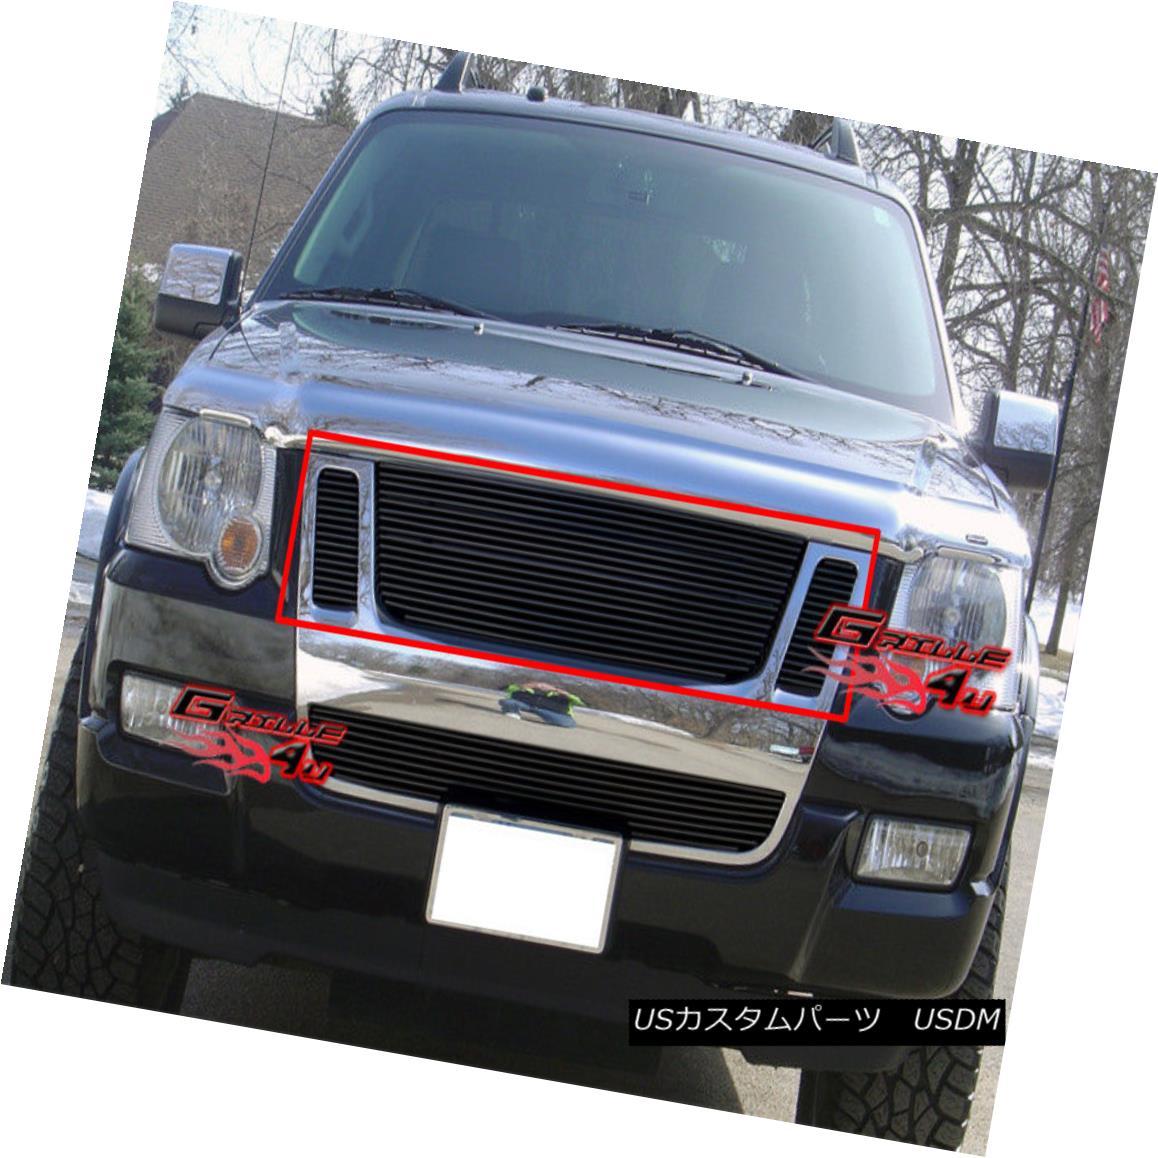 グリル For 07-10 Ford Explorer Sport Trac Billet Grille Insert 07-10フォードエクスプローラースポーツTrac Billet Grille Insert